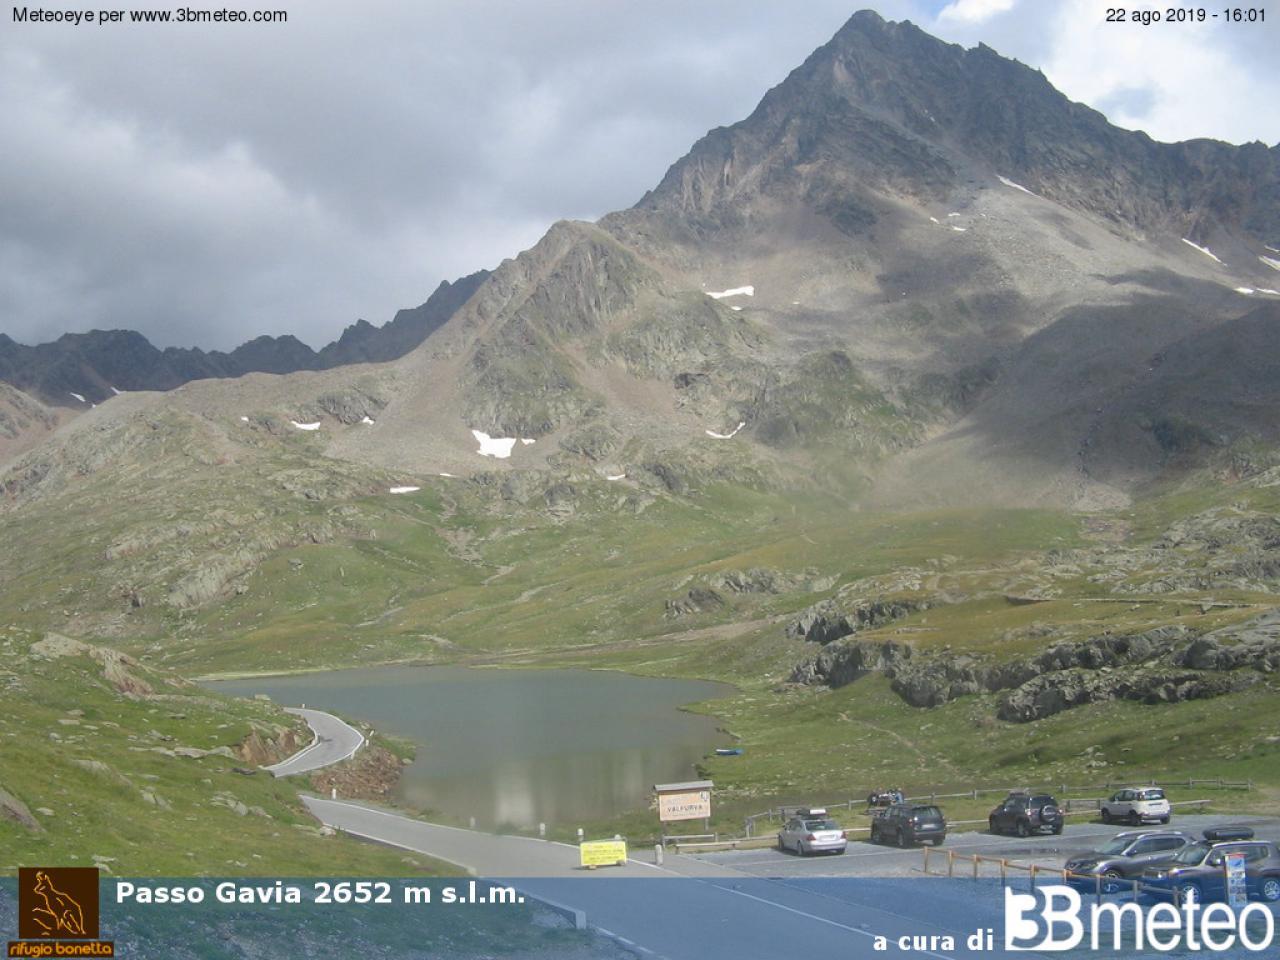 Webcam Passo Gavia